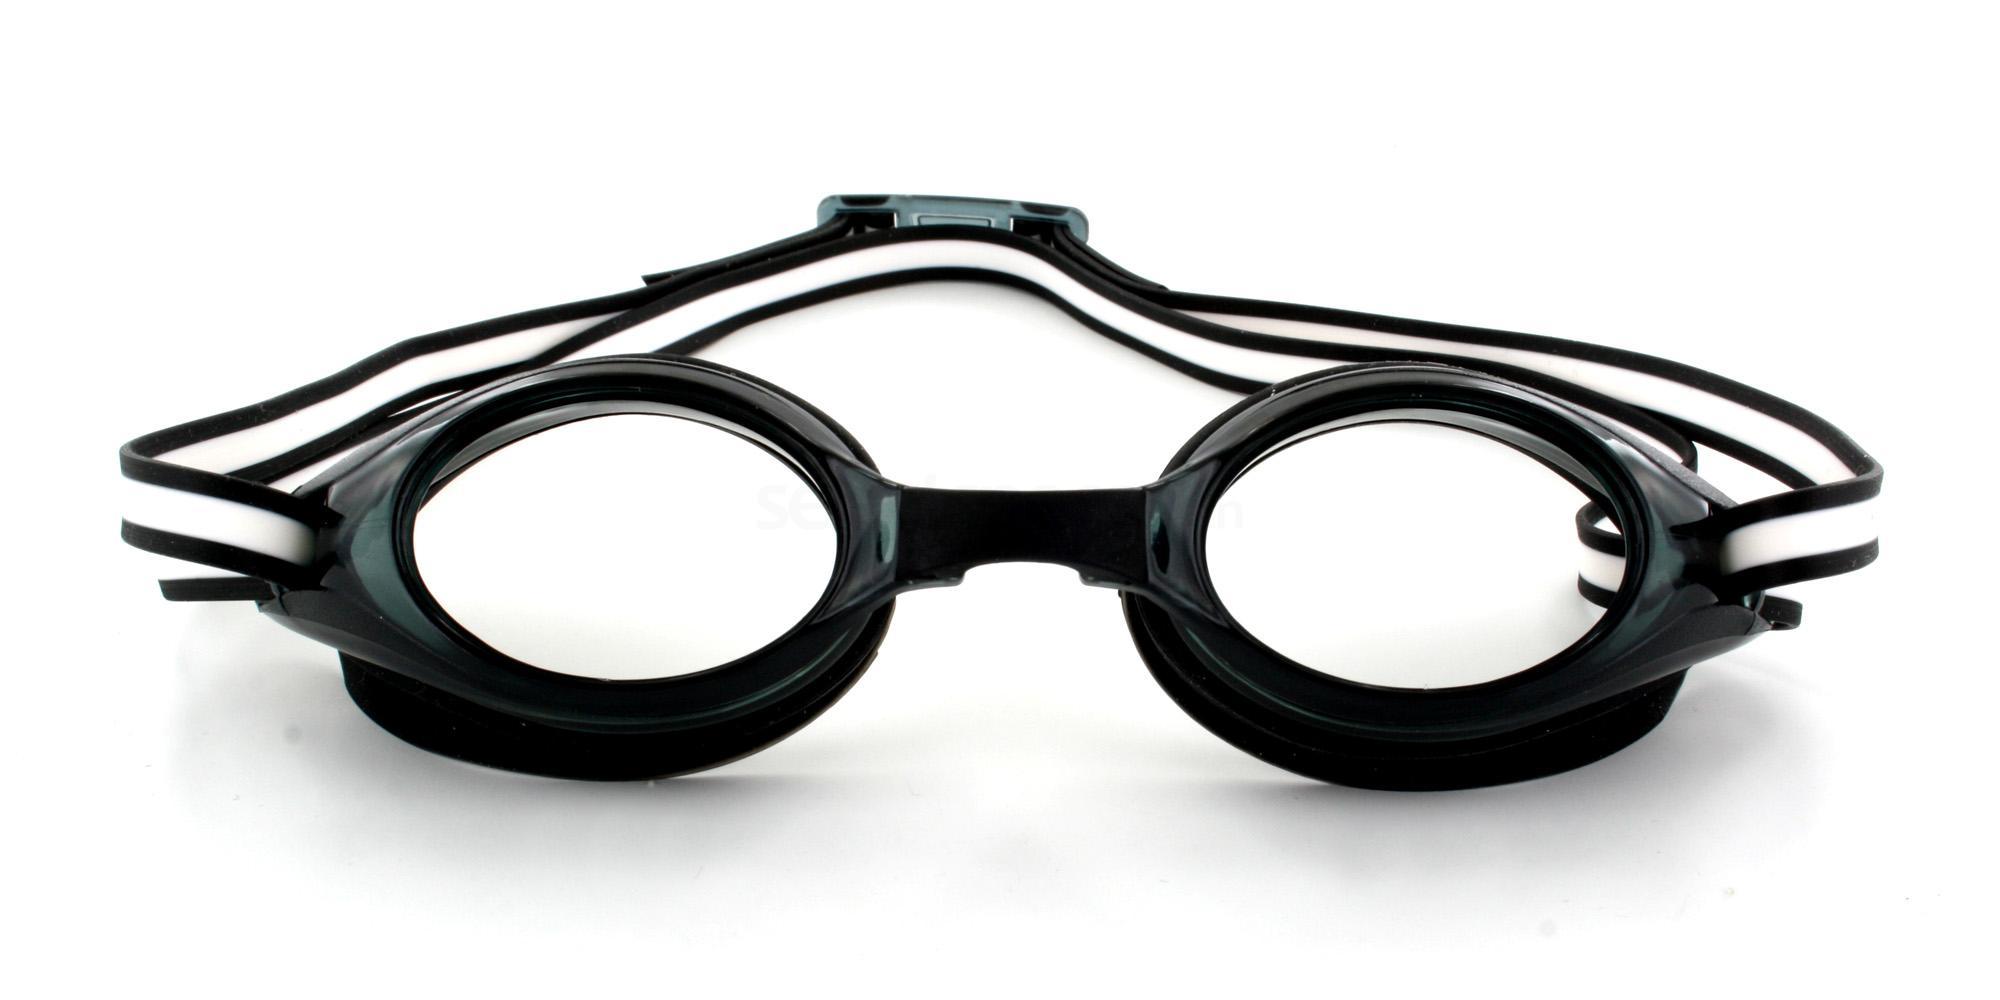 Black Swimming Goggles Accessories, Aero